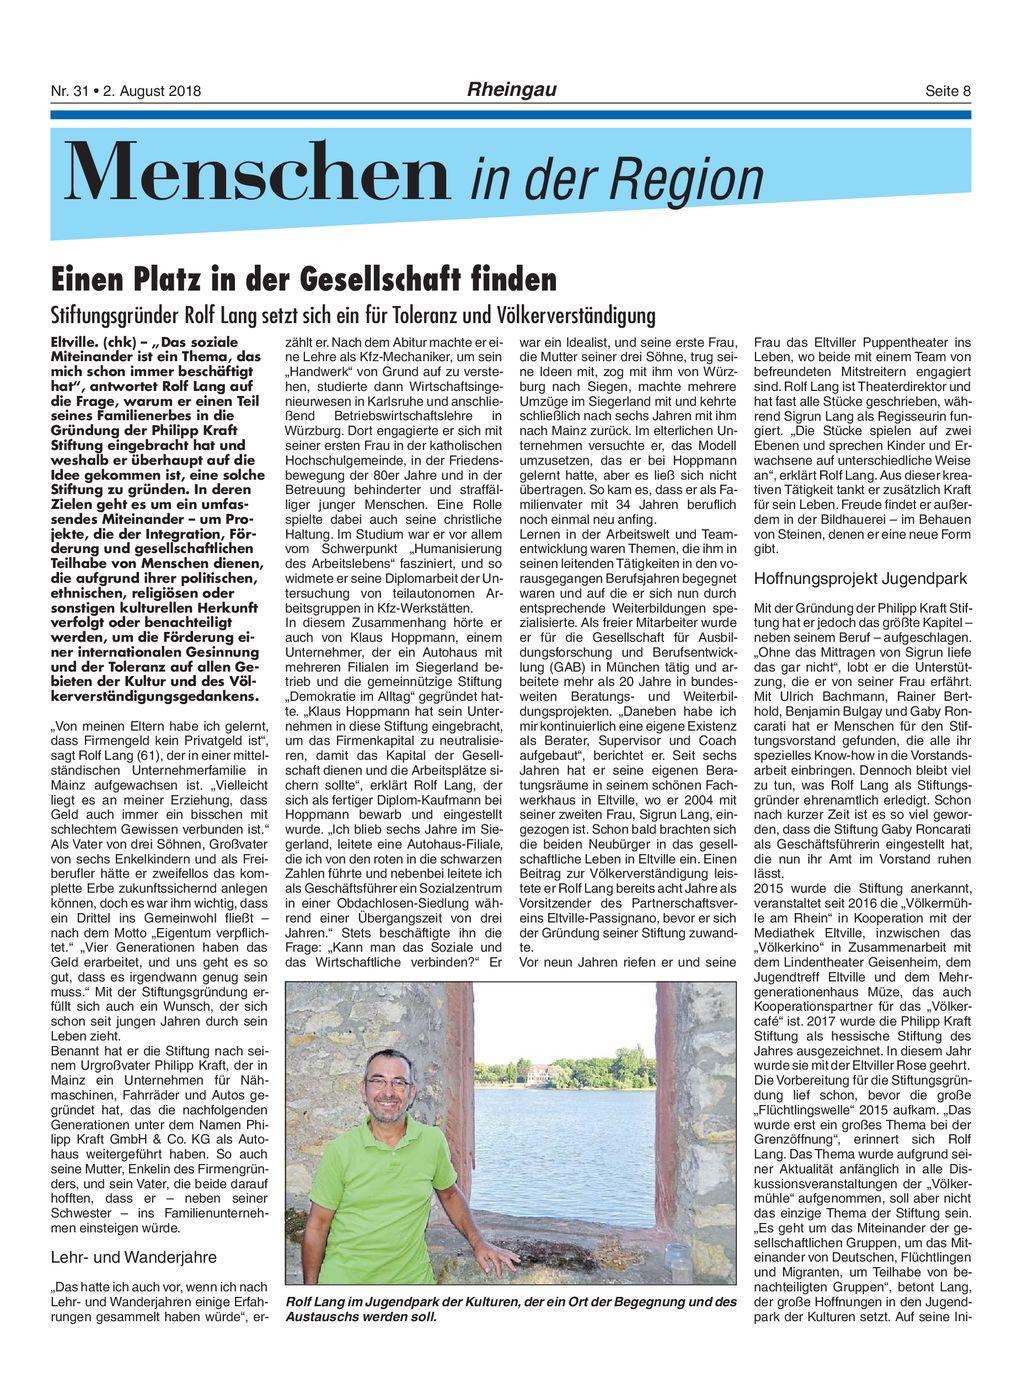 2. August 2018 Rheingau Echo Portrait über Rolf Lang, den Stifter